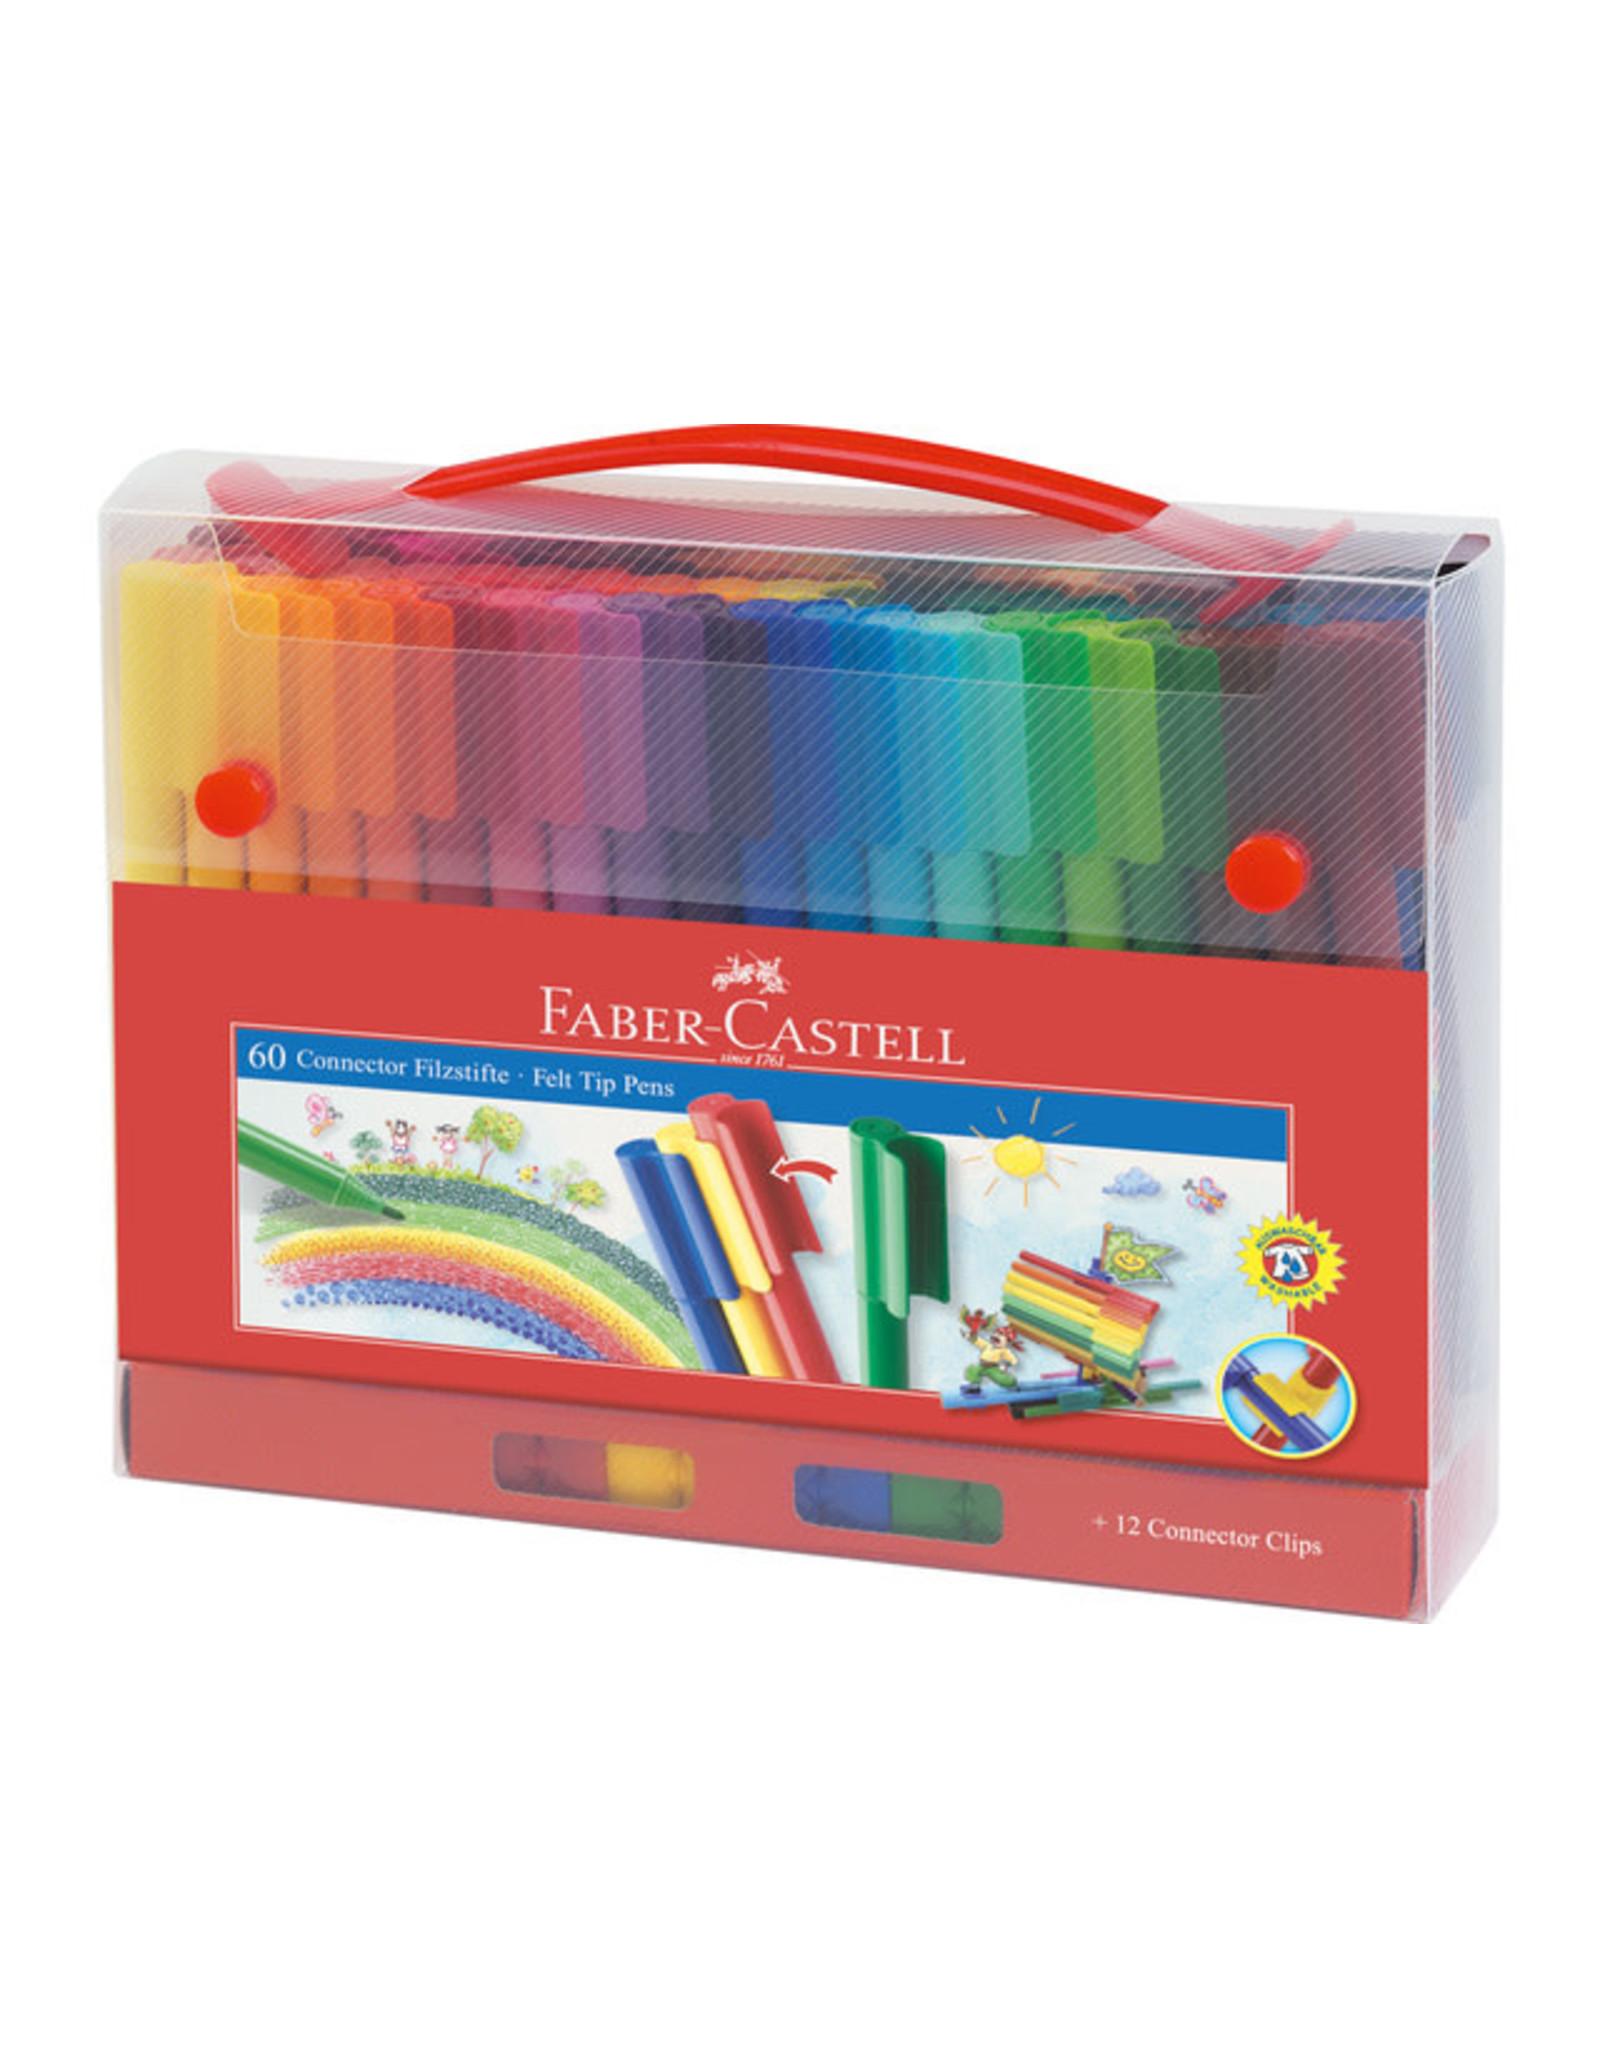 Faber Castell Koffer 60 viltstiften